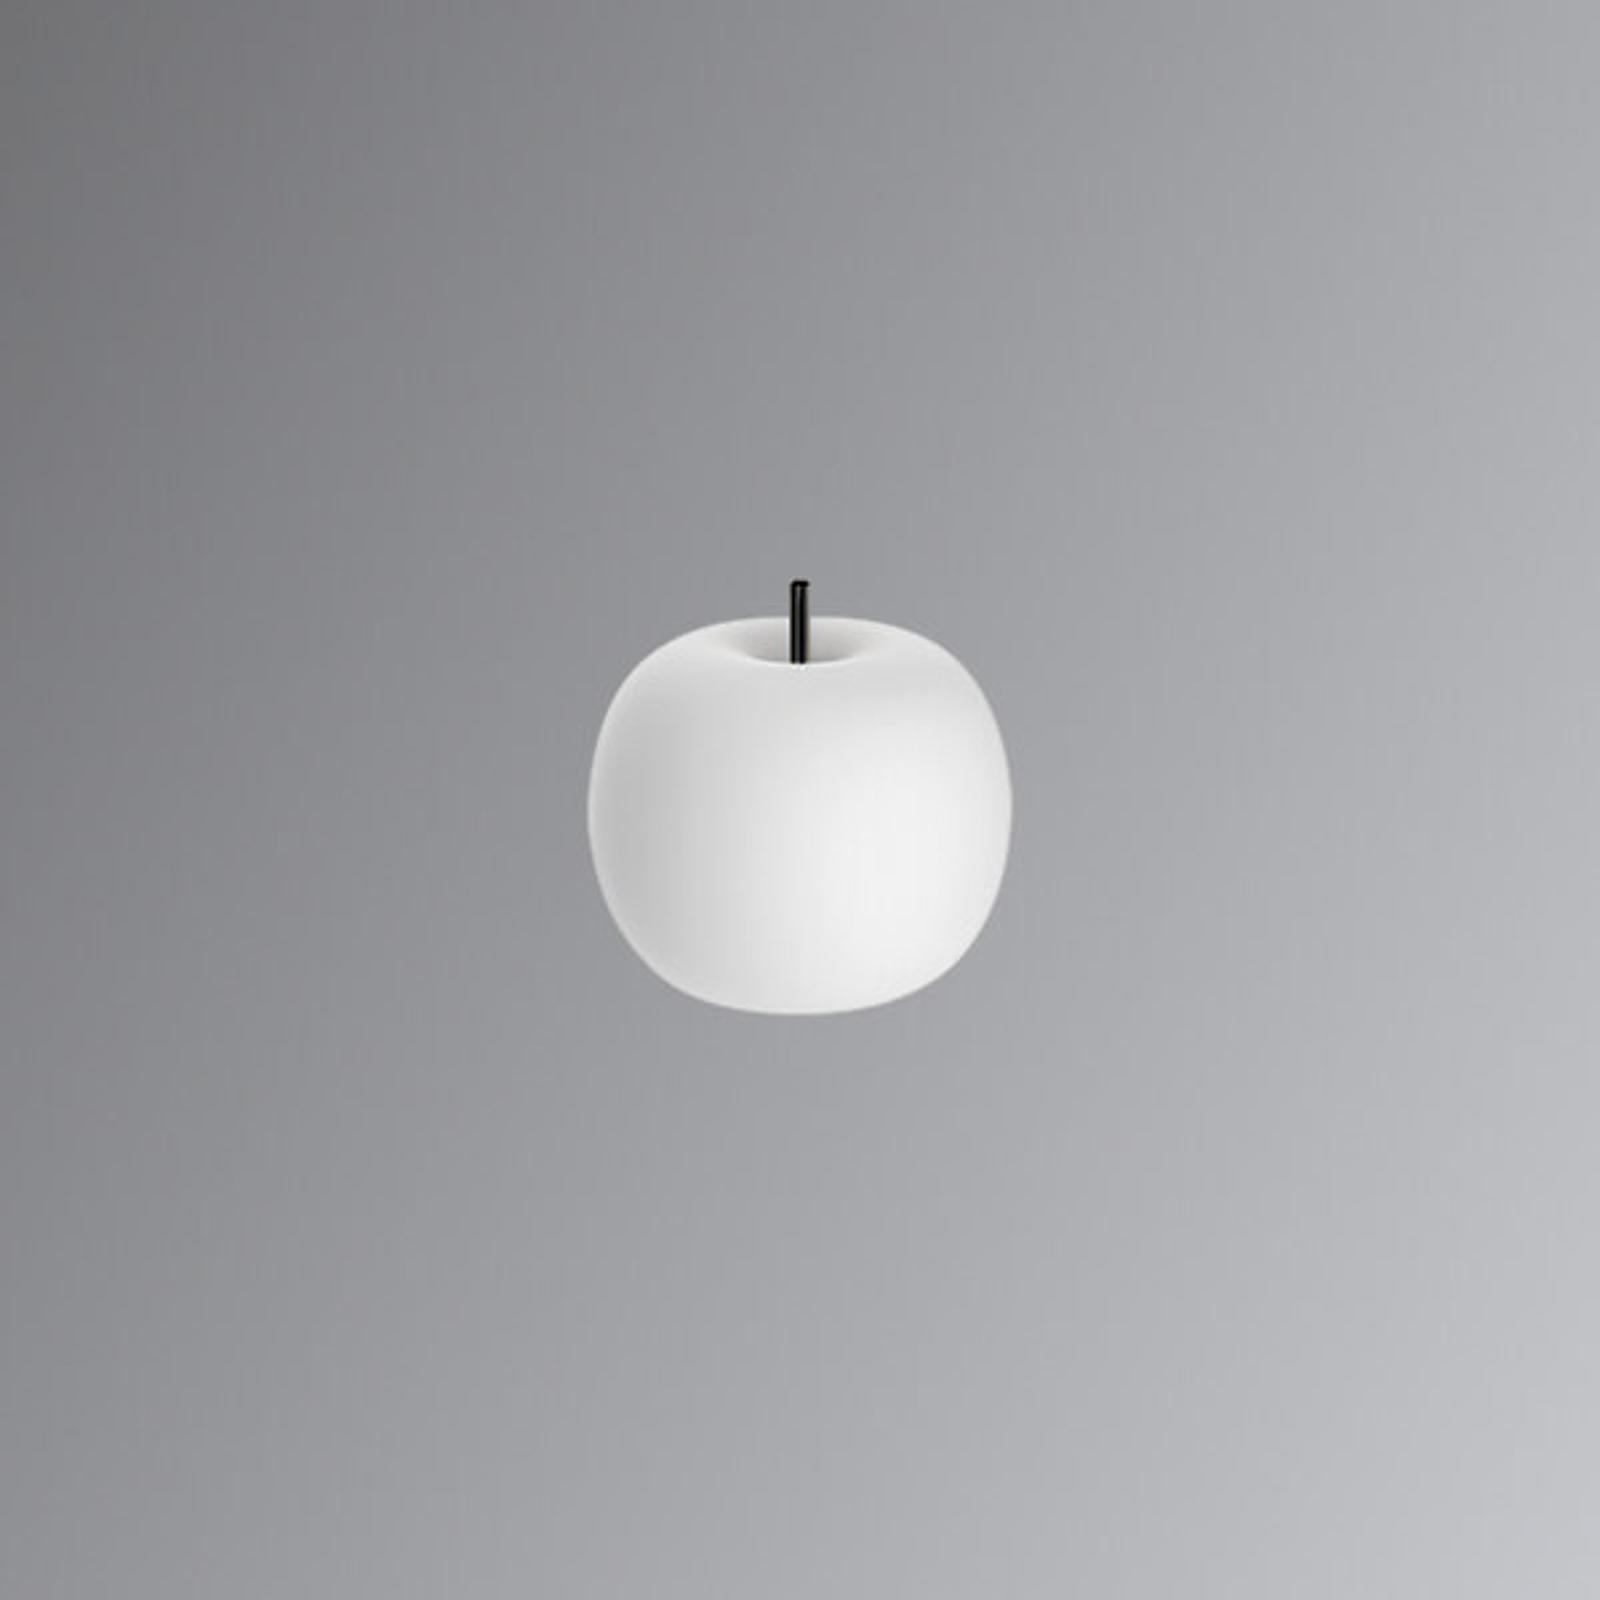 Kundalini Kushi - LED tafellamp zwart 16cm